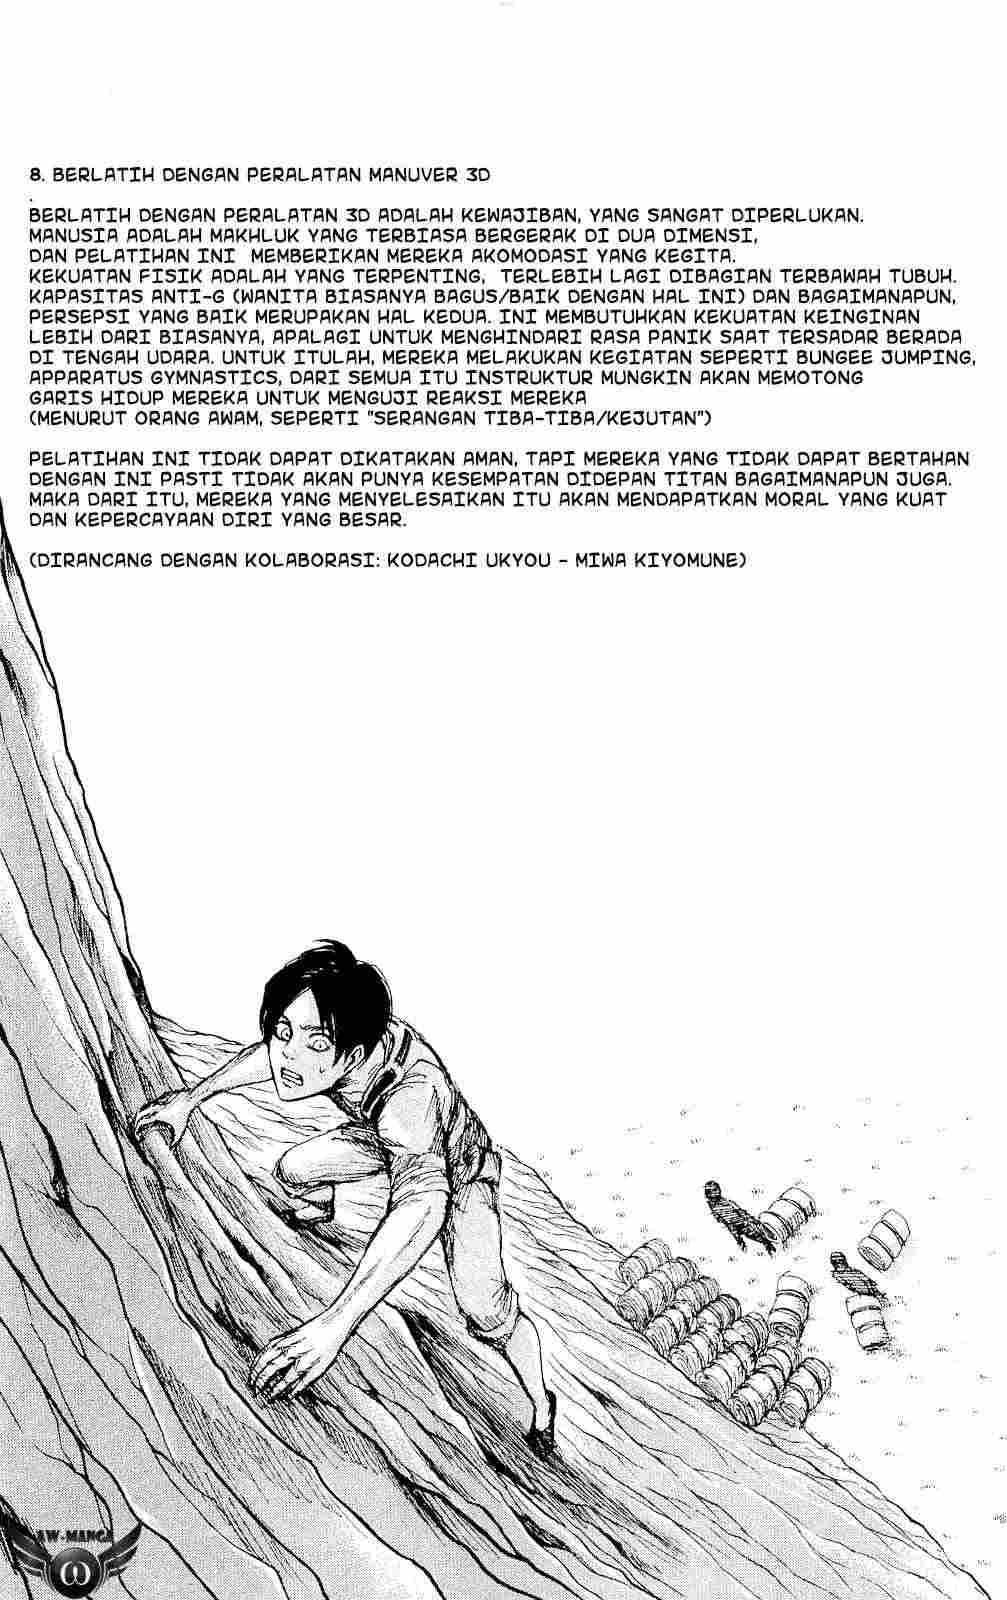 Komik shingeki no kyojin 016 - kebutuhan 17 Indonesia shingeki no kyojin 016 - kebutuhan Terbaru 34|Baca Manga Komik Indonesia|